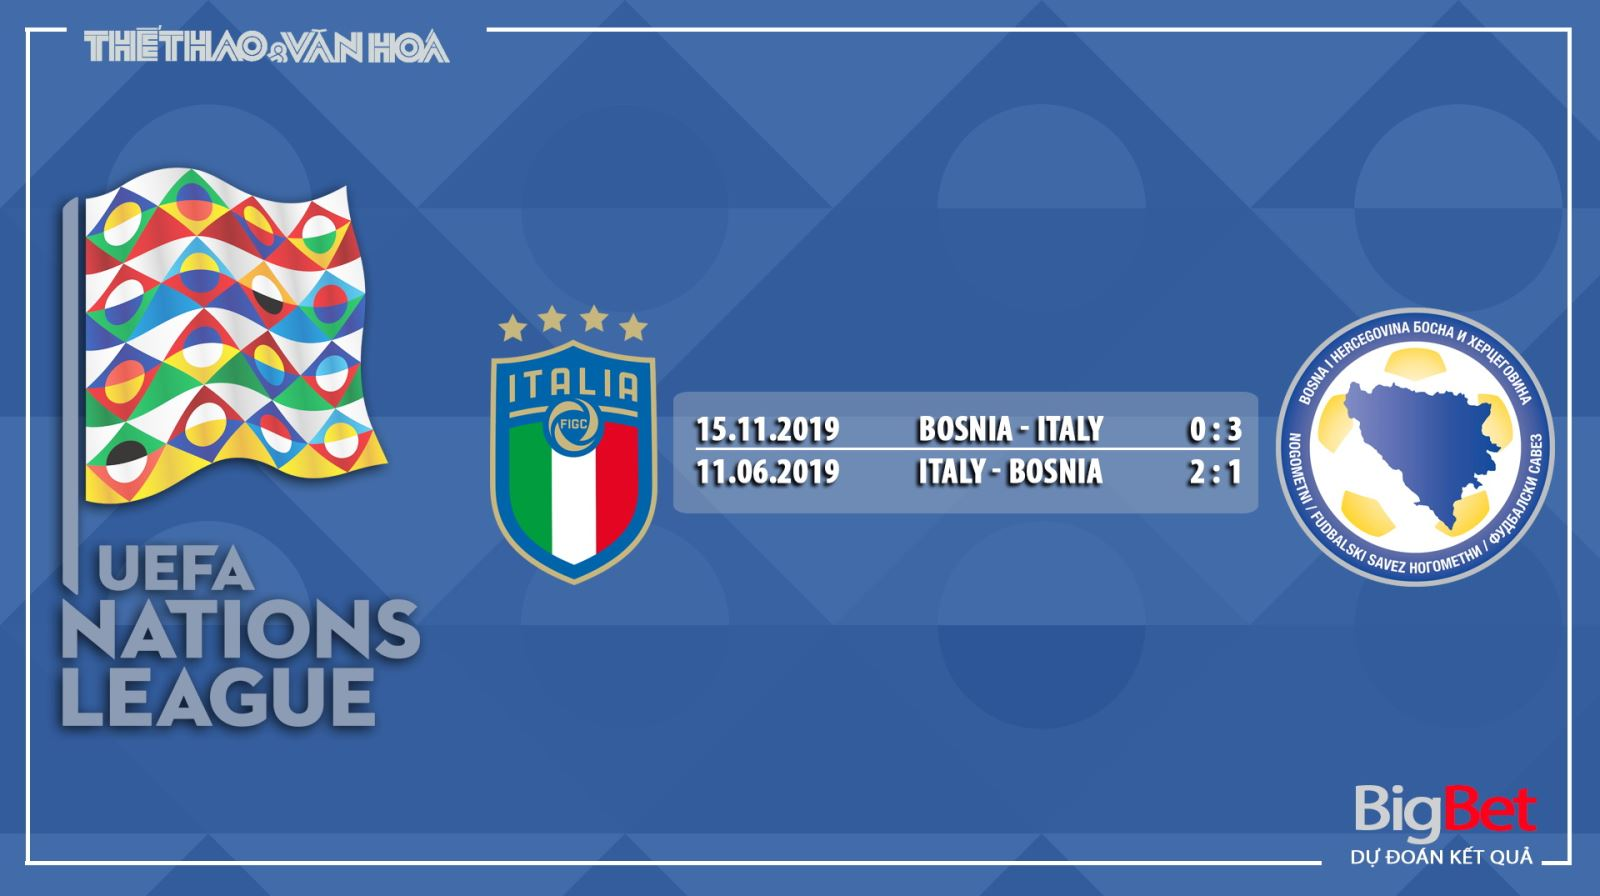 Italy vsBosnia, soi kèo, Italy, Bosnia, trực tiếp Italy vsBosnia, nhận định Italy vsBosnia, BĐTV, UEFA Nations League, nhận định, dự đoán, kèo bóng đá